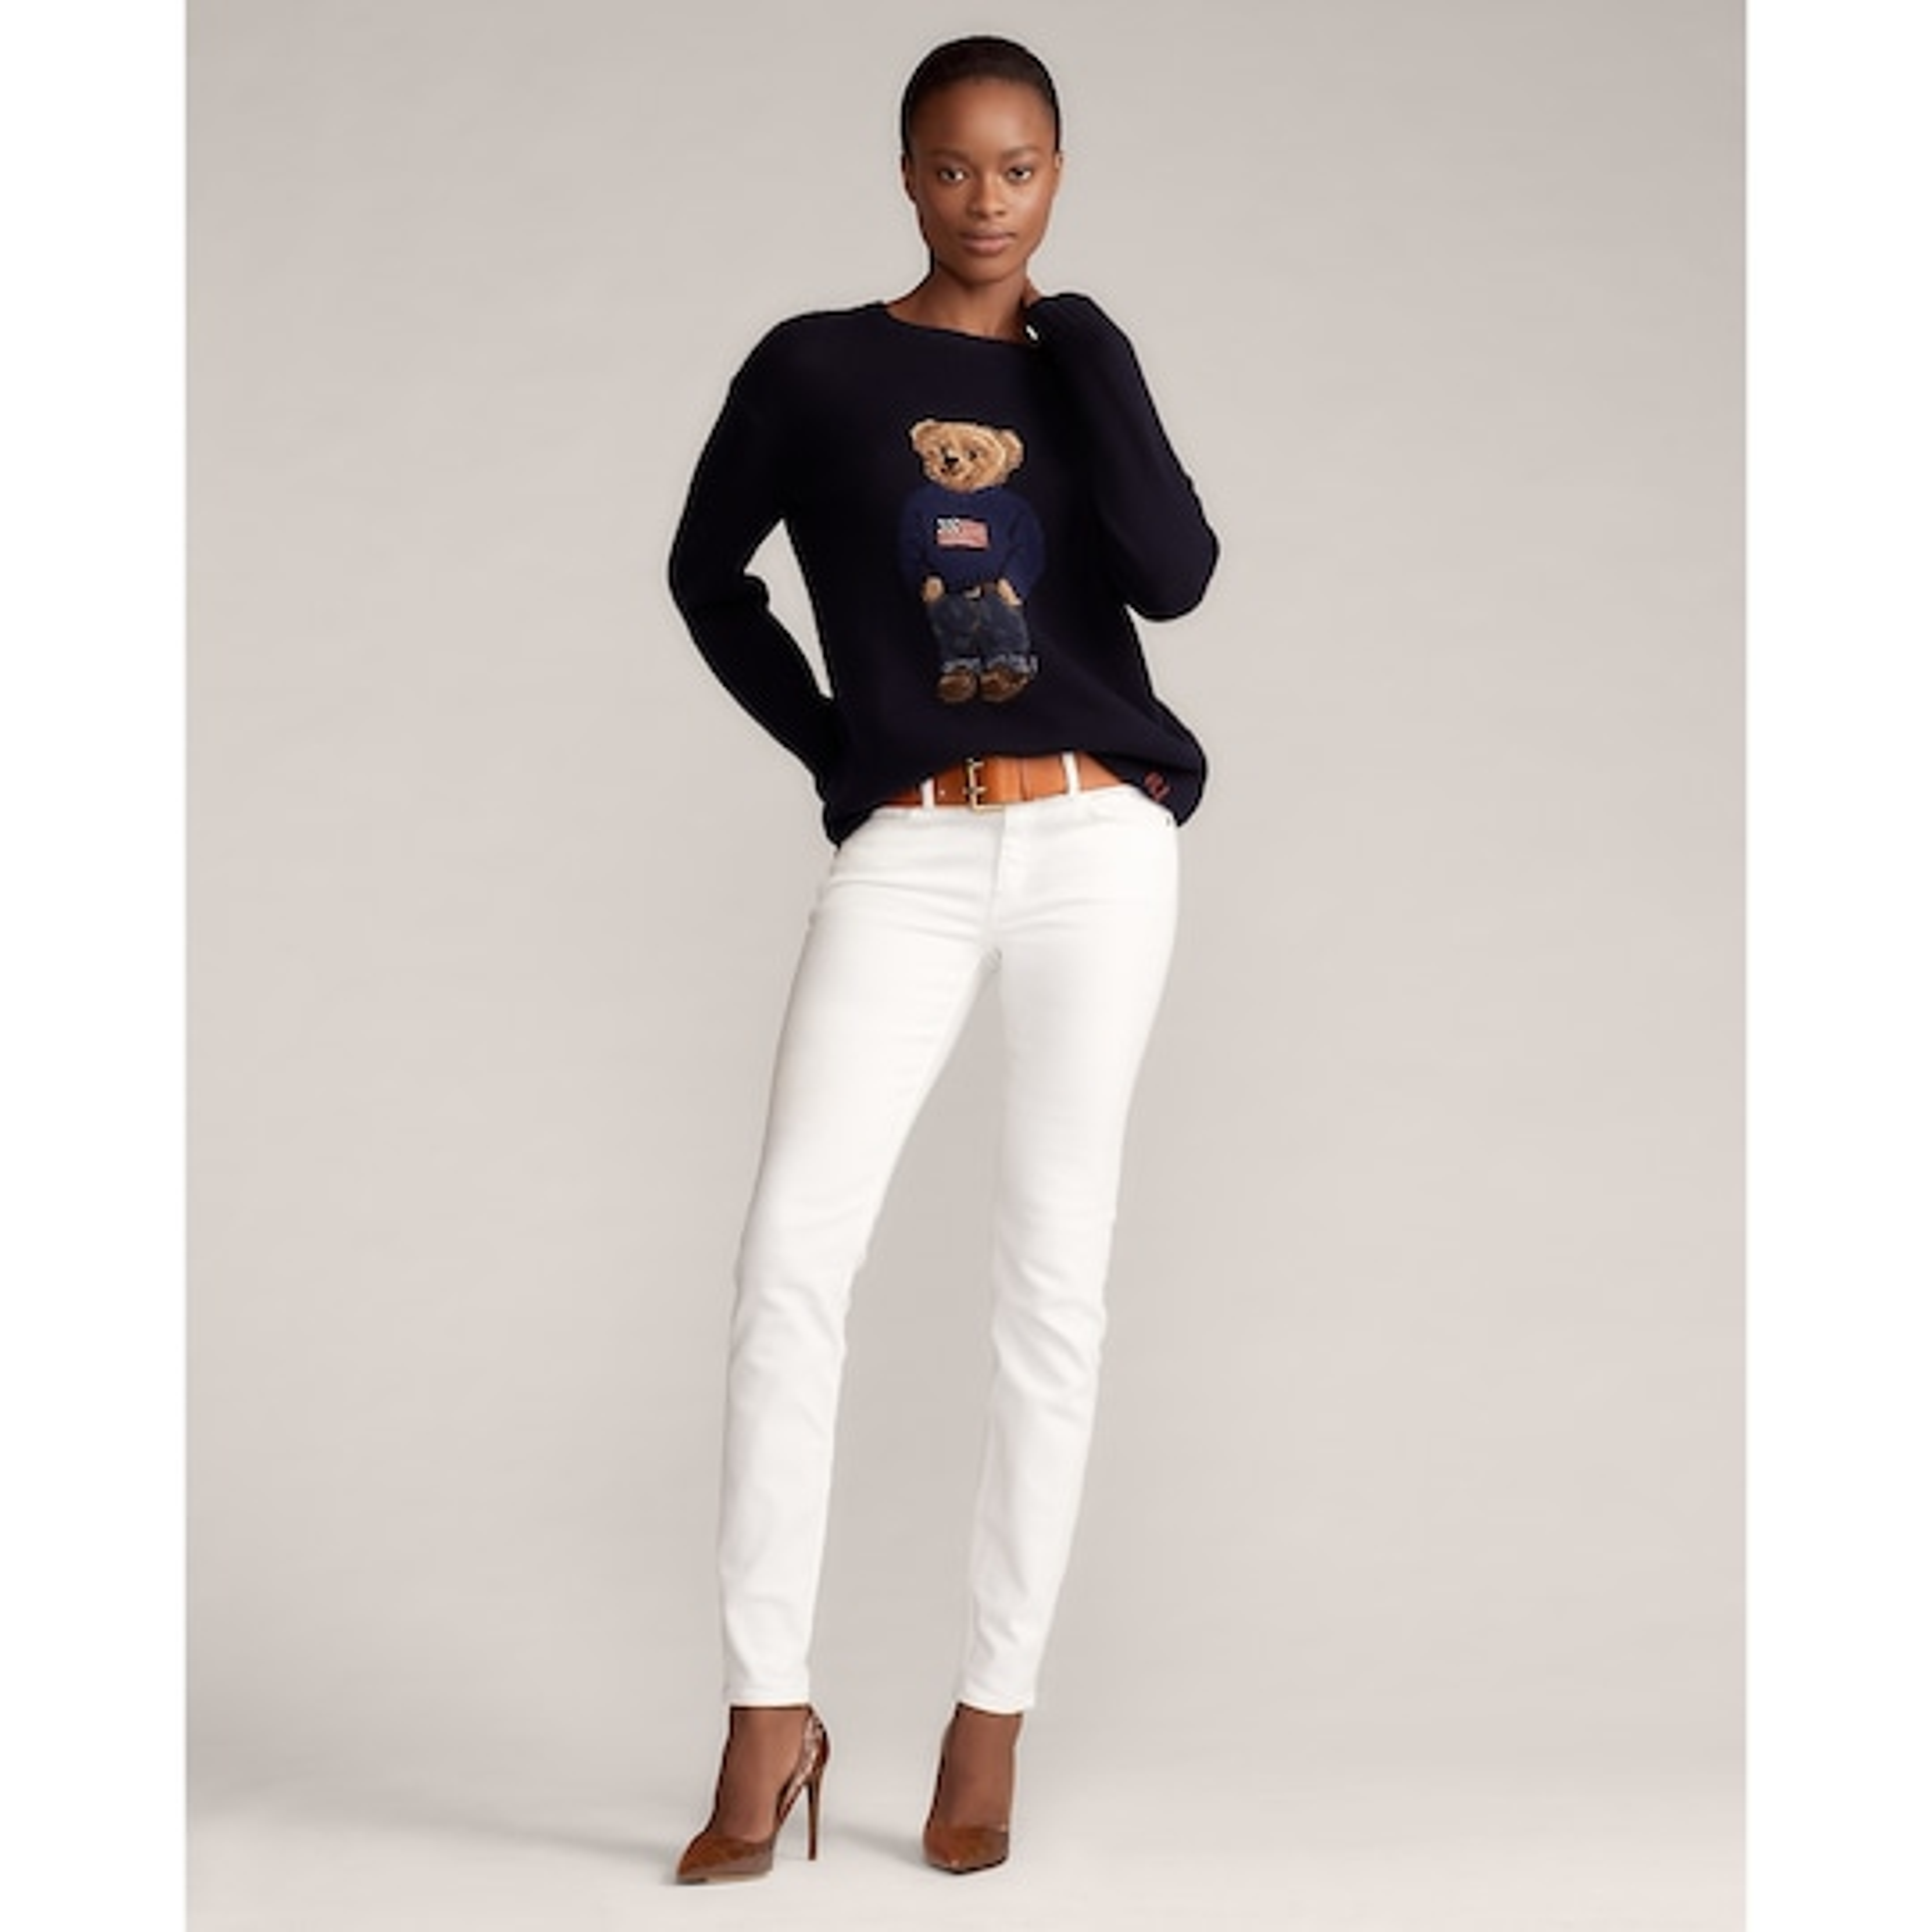 Ralph Lauren Collection Flag Bear Sweater 1